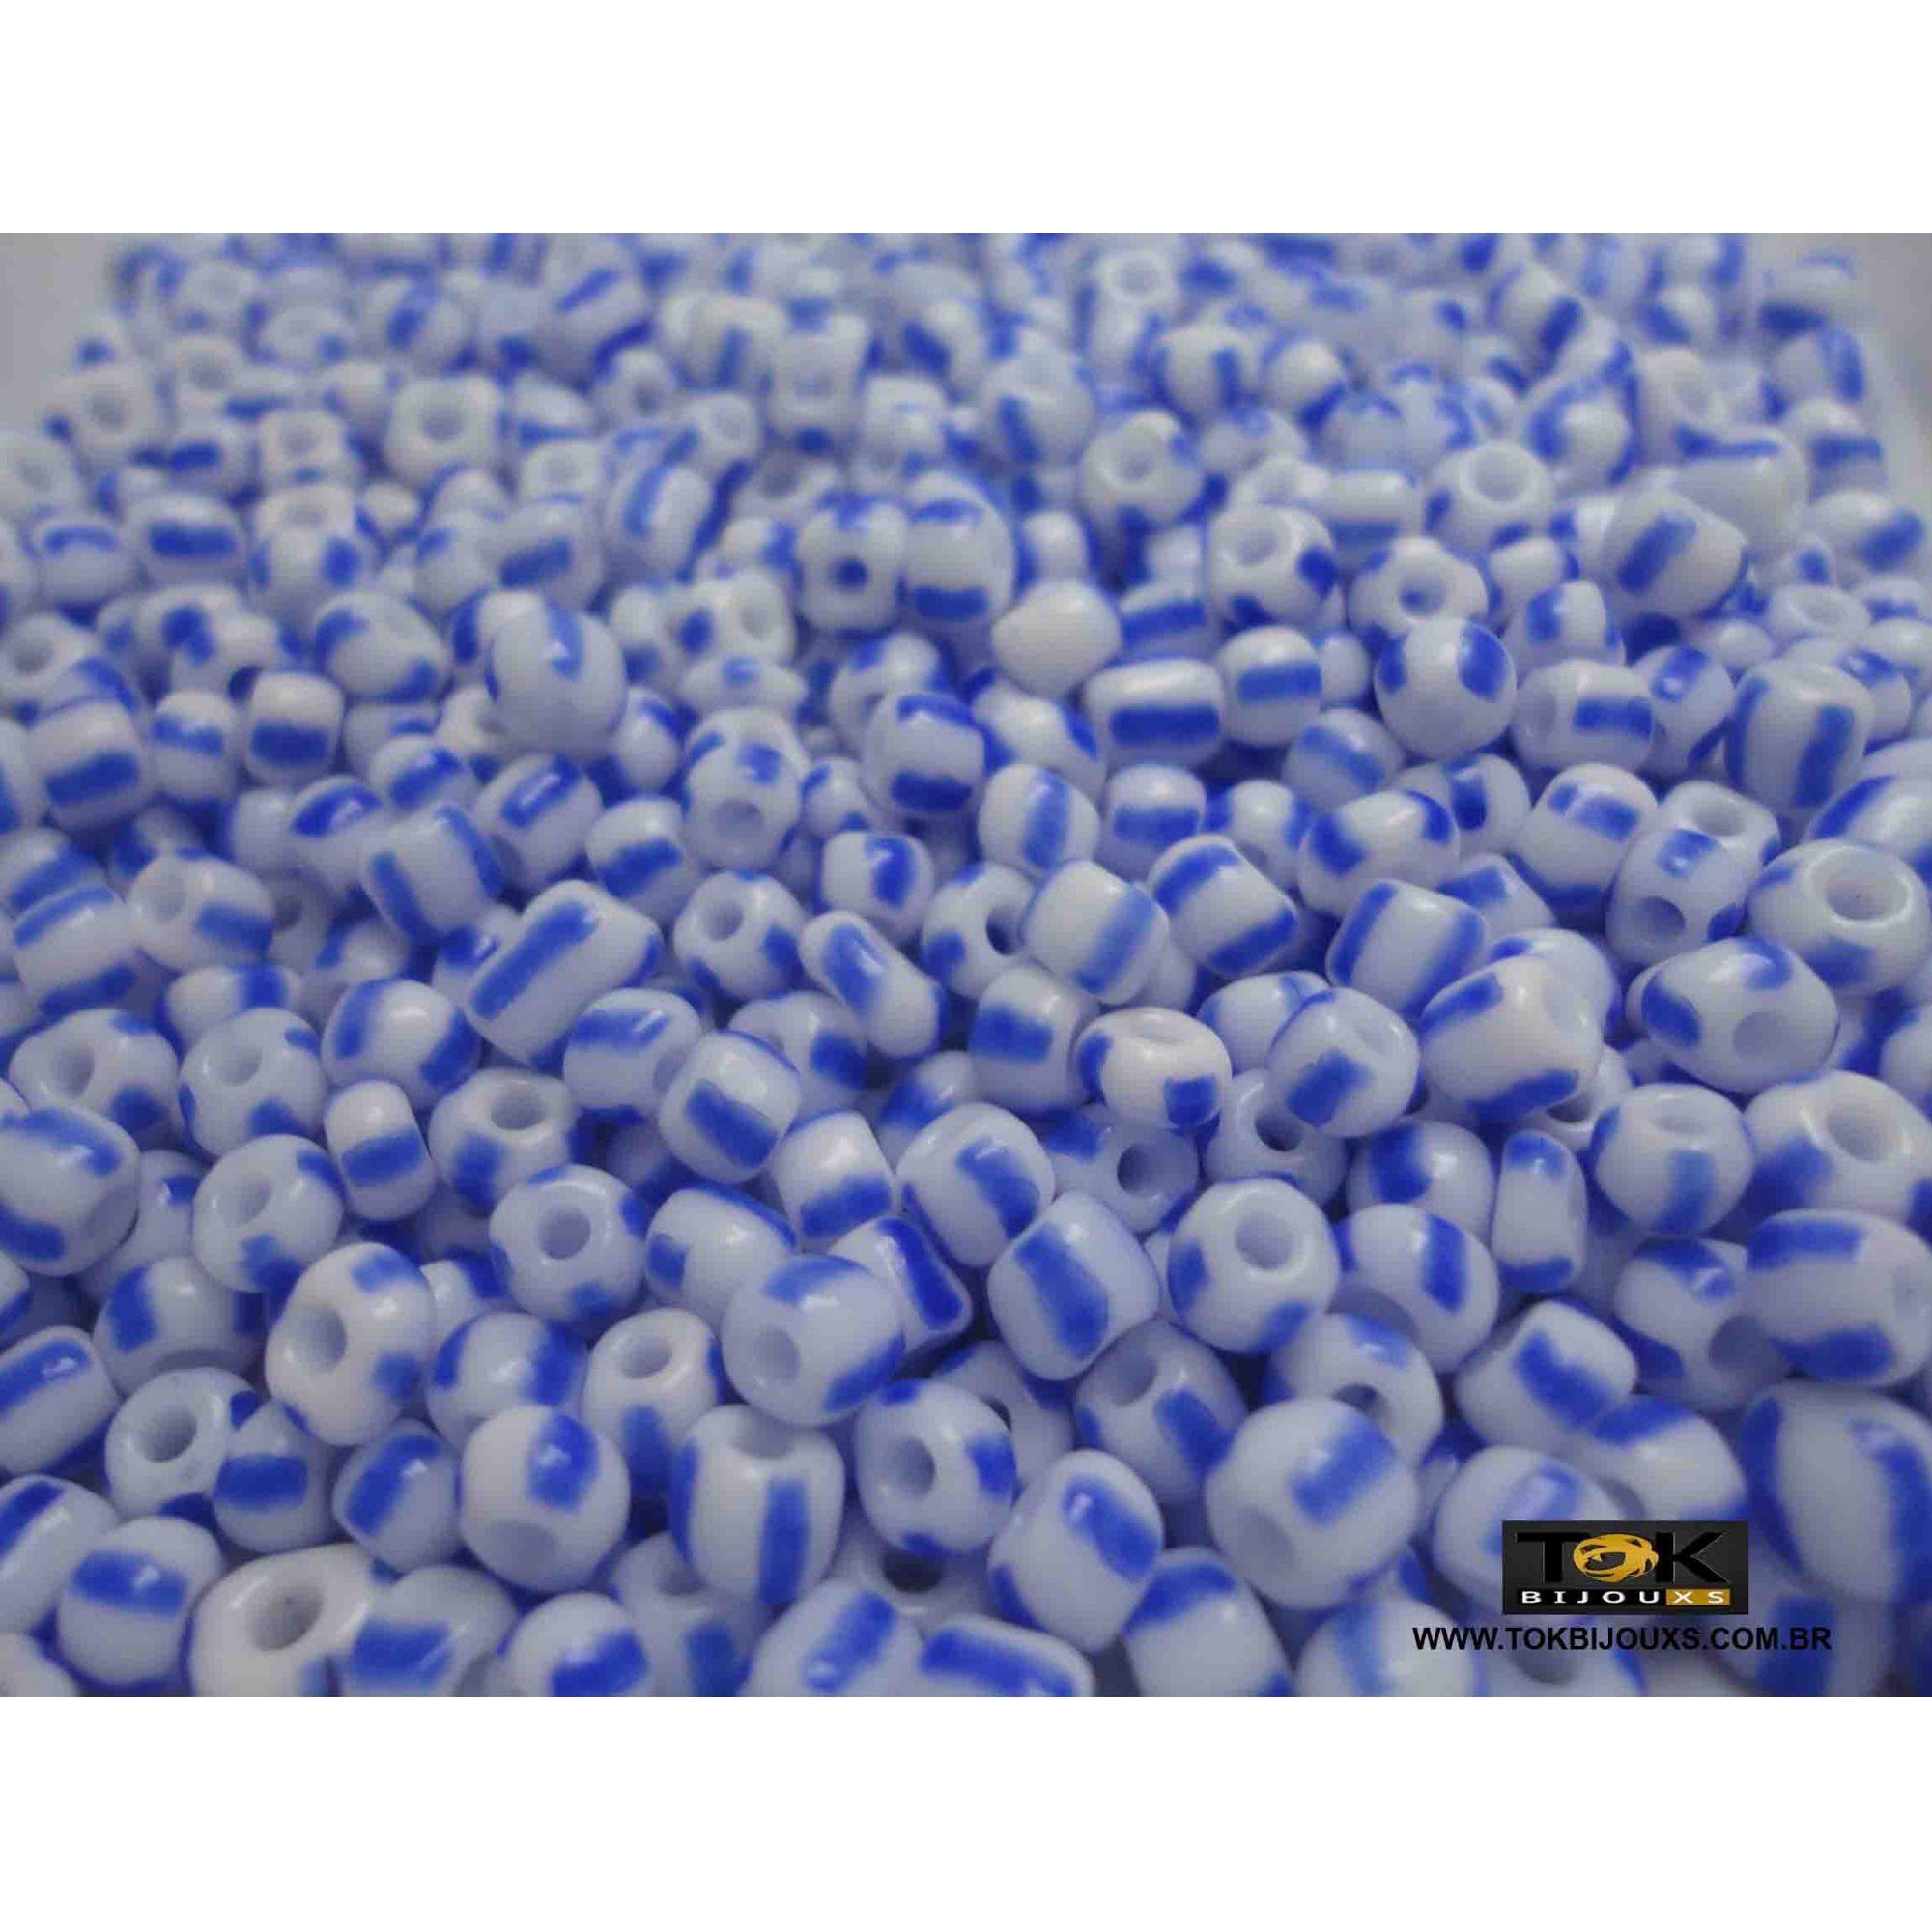 Missangão Rajado Branco / Azul - 50g